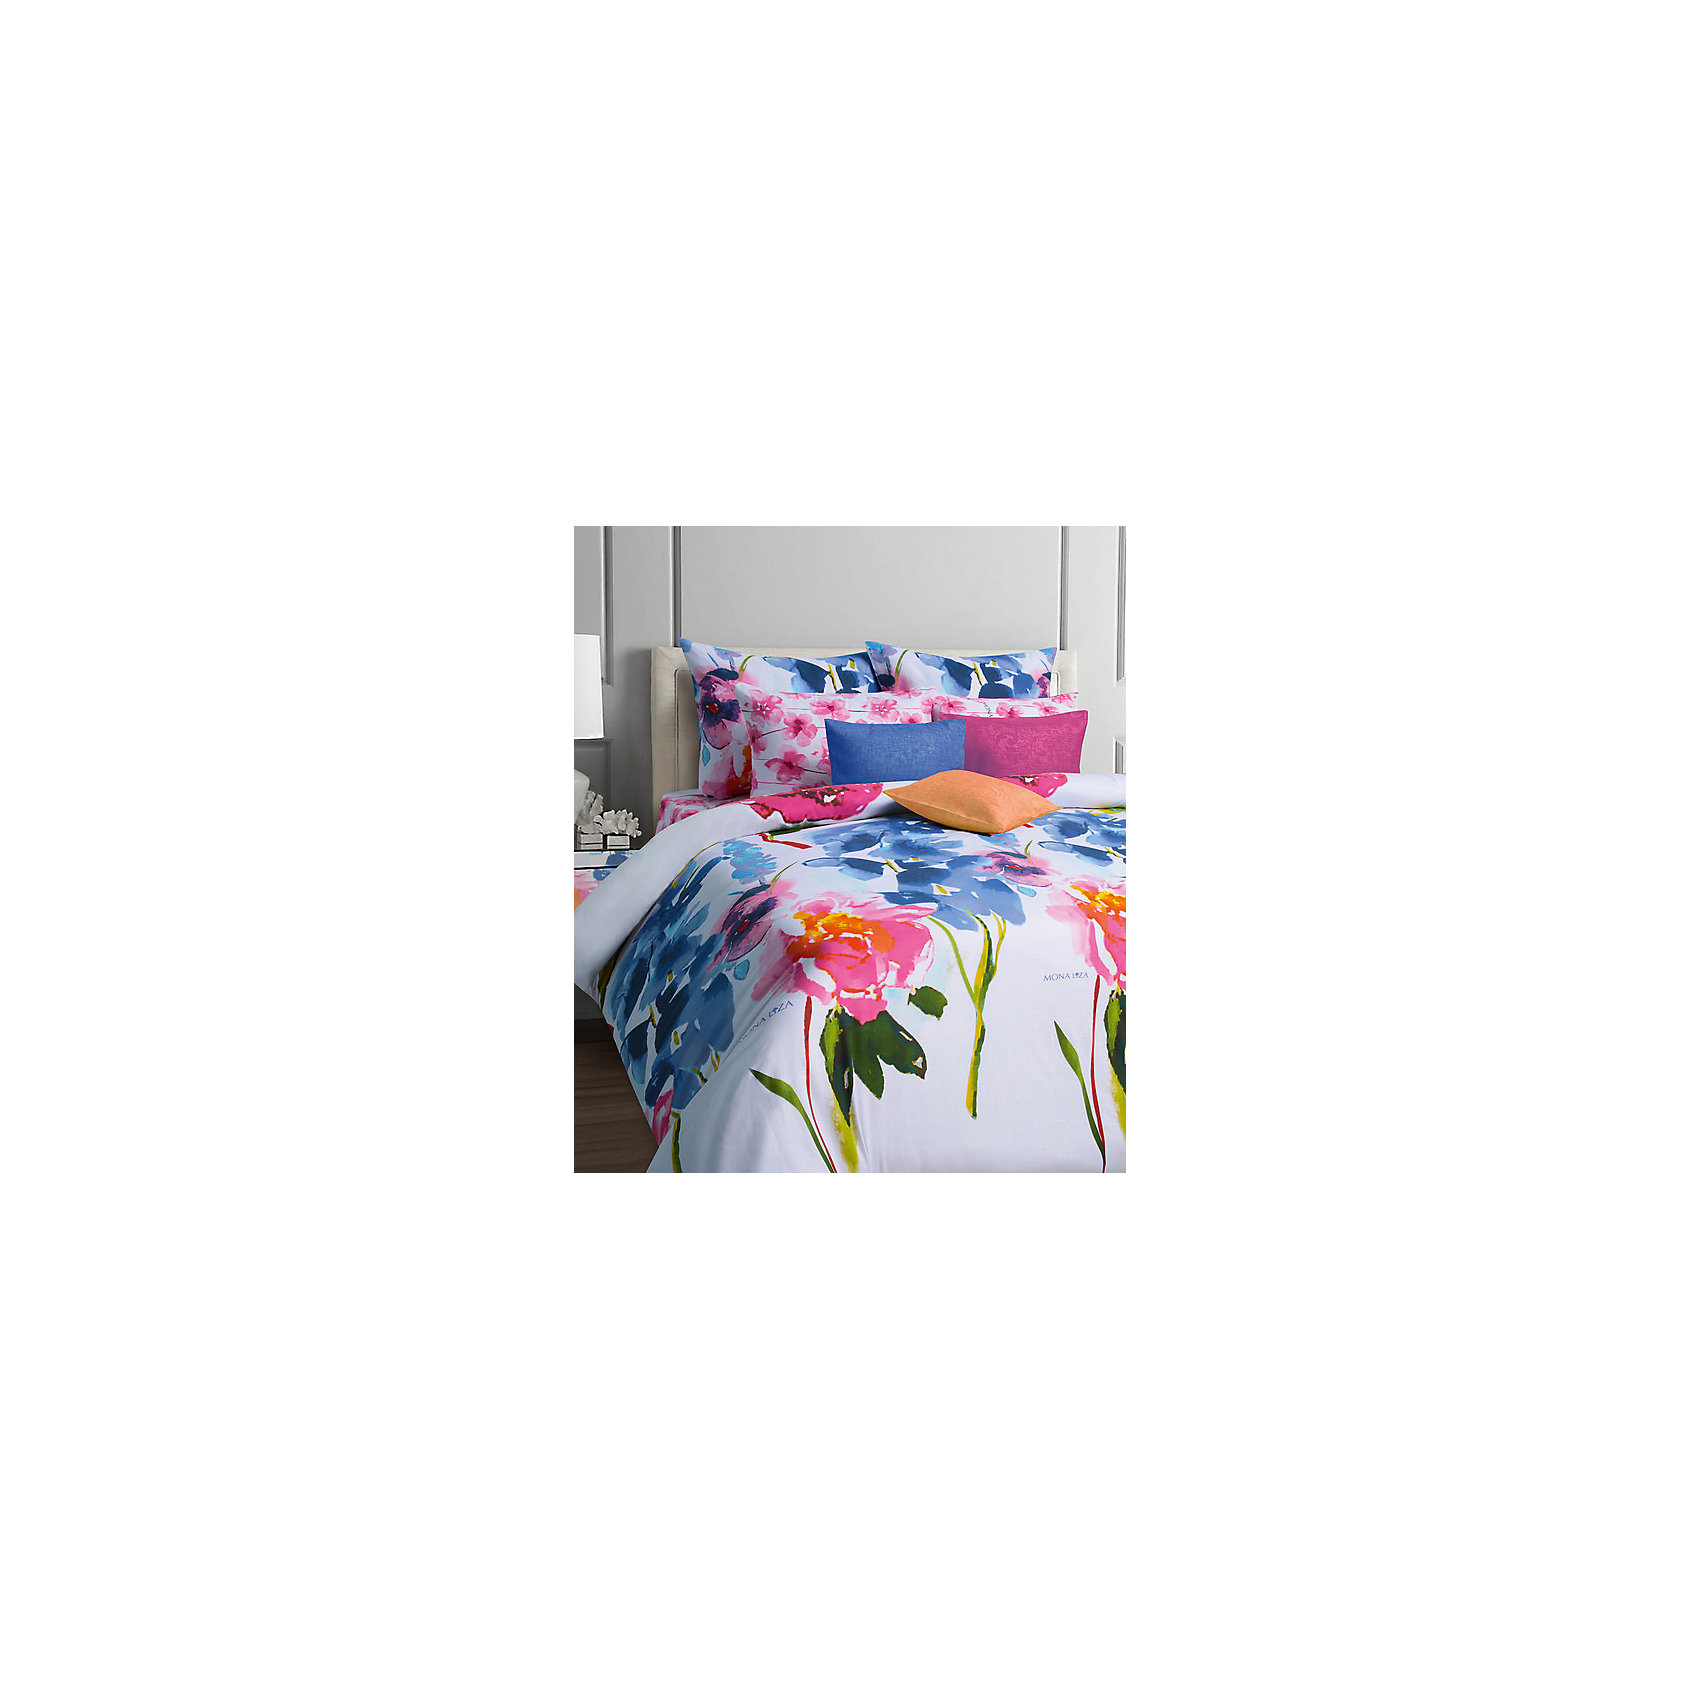 Постельное белье Palitra, 1,5-спальный, 50*70, Mona LizaДомашний текстиль<br>Комплект постельного белья Palitra торговой марки Mona Liza будет настоящим украшением Вашей спальни. Постельное белье выполнено из высококачественной бязи с ярким узором из крупных цветов. Изделие приятное на ощупь, не деформируется и не теряет своих ярких красок даже после многократных стирок, гарантируя длительный срок службы. Комплект состоит из пододеяльника, простыни и двух наволочек.<br><br>Дополнительная информация: <br><br>- производитель: Mona Liza<br>- материал: бязь<br>- состав: 100% хлопок<br>- размер комплекта: полутораспальный<br>- размер пододеяльника: 145*210 см<br>- тип застежки: пуговицы<br>- размер простыни: 150*215 (обычная)<br>- размер наволочек: 50*70 (2 шт)<br>- упаковка комплекта: книжка пвх<br>- страна бренда: Россия<br>- страна производитель: Россия<br><br>Комплект постельного белья  Palitra торговой марки  Мона Лиза можно купить в нашем интернет-магазине.<br><br>Ширина мм: 290<br>Глубина мм: 70<br>Высота мм: 370<br>Вес г: 1250<br>Возраст от месяцев: 84<br>Возраст до месяцев: 1188<br>Пол: Унисекс<br>Возраст: Детский<br>SKU: 4902098